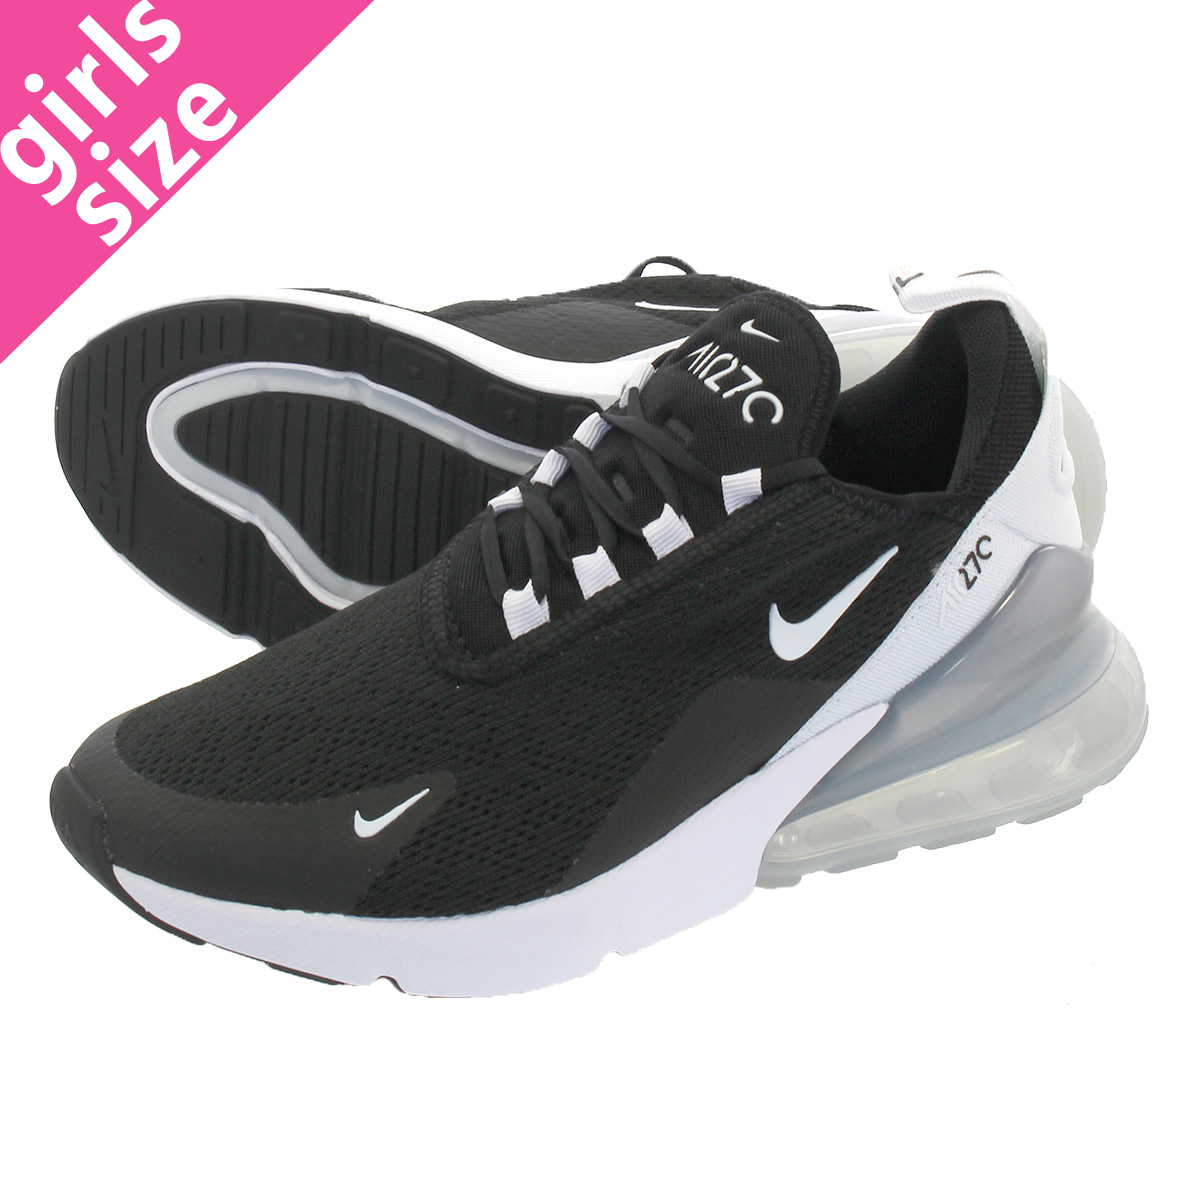 NIKE WMNS AIR MAX 270 Nike women Air Max 270 BLACK/WHITE/PURE  PLATINUM/WHITE ah6789,013